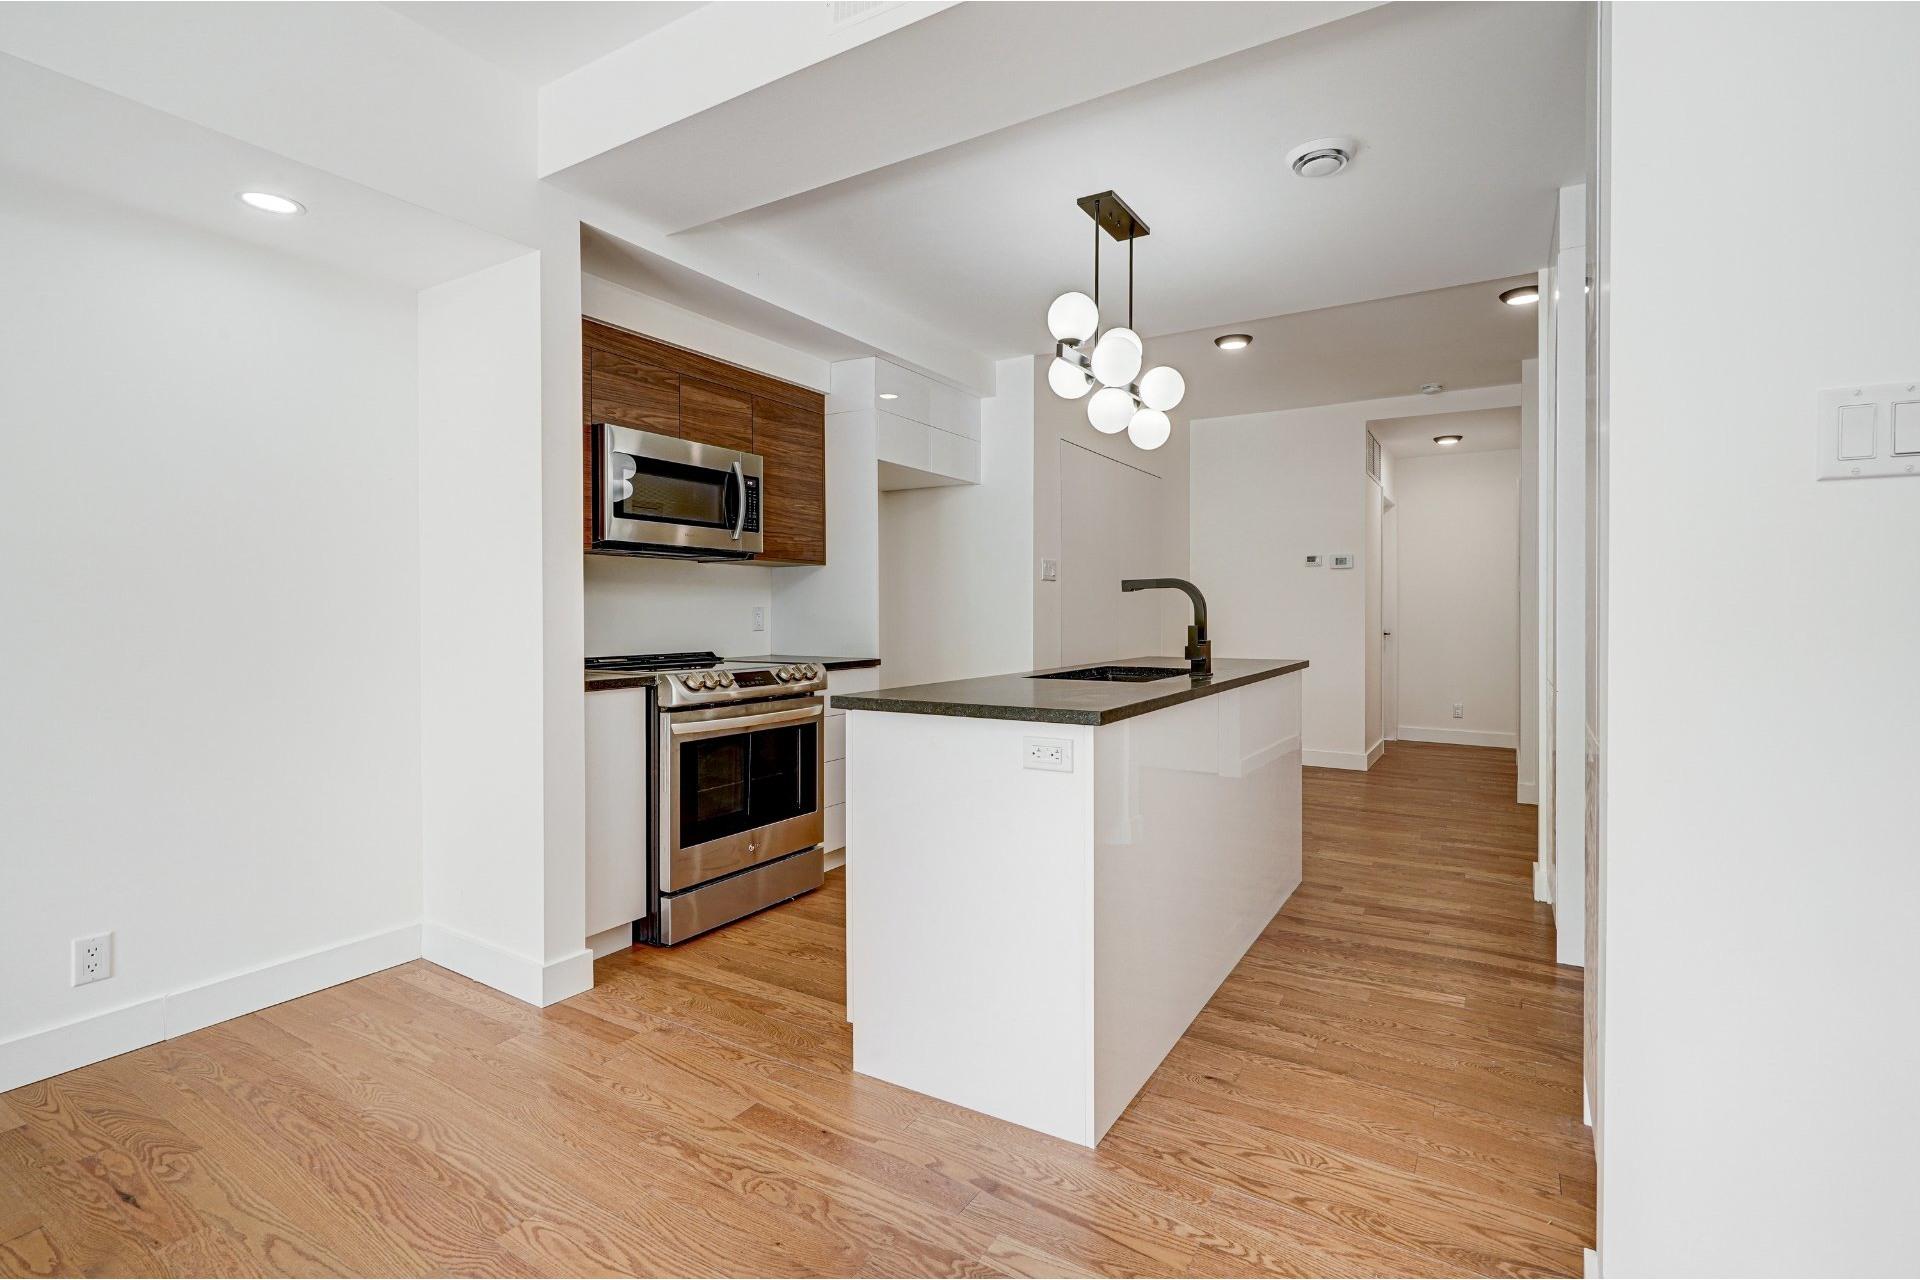 image 7 - Apartment For sale Lachine Montréal  - 6 rooms